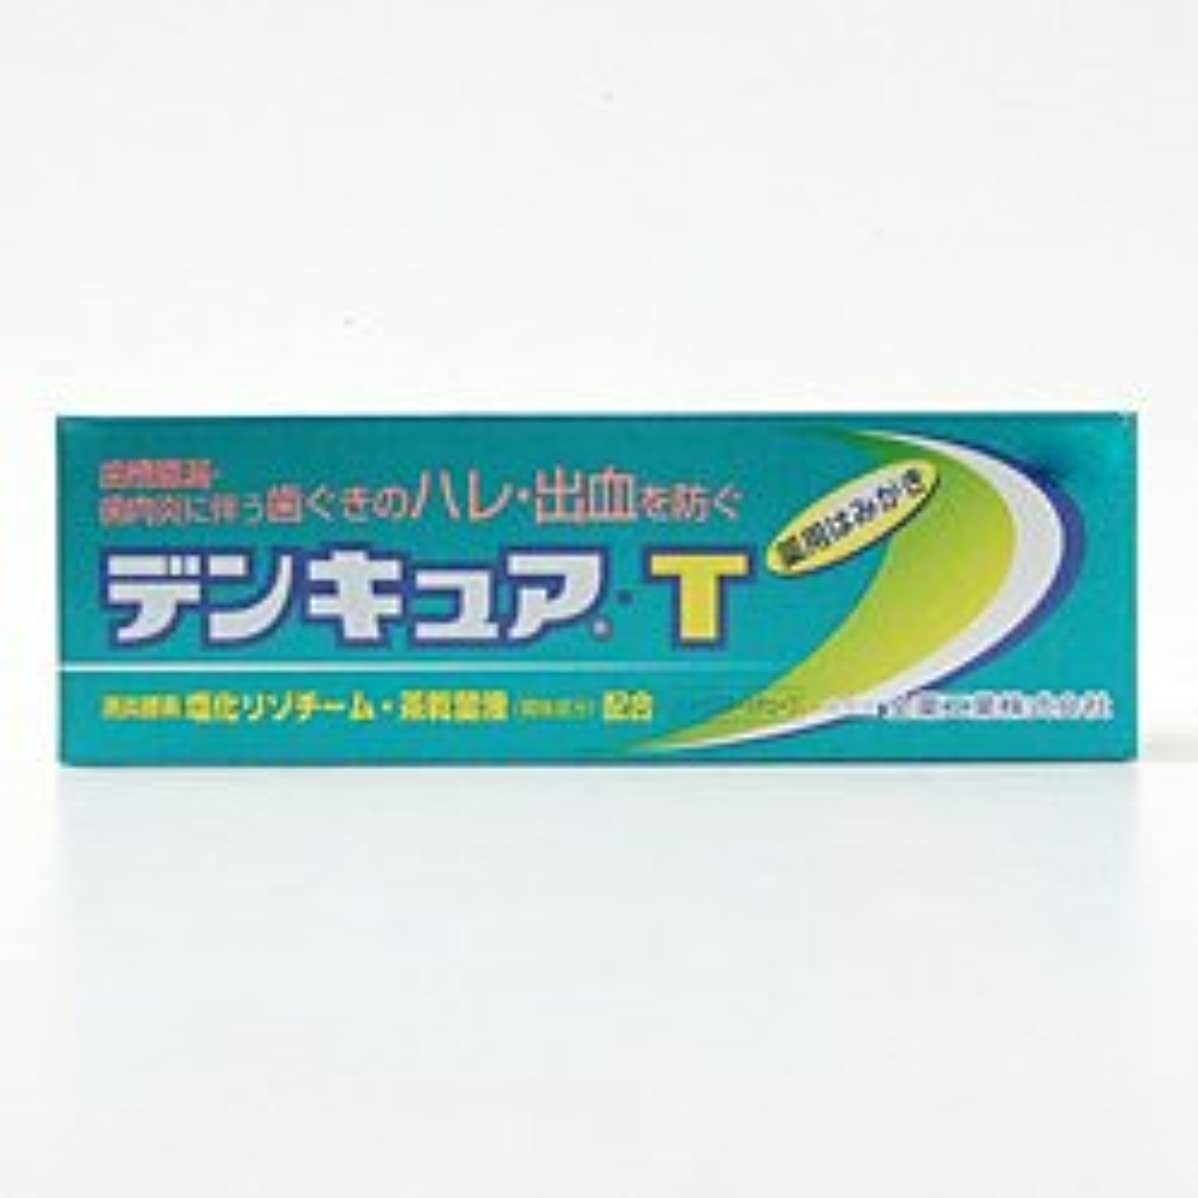 チョコレート味わうマイクロフォン薬用はみがき デンキュアT 80g